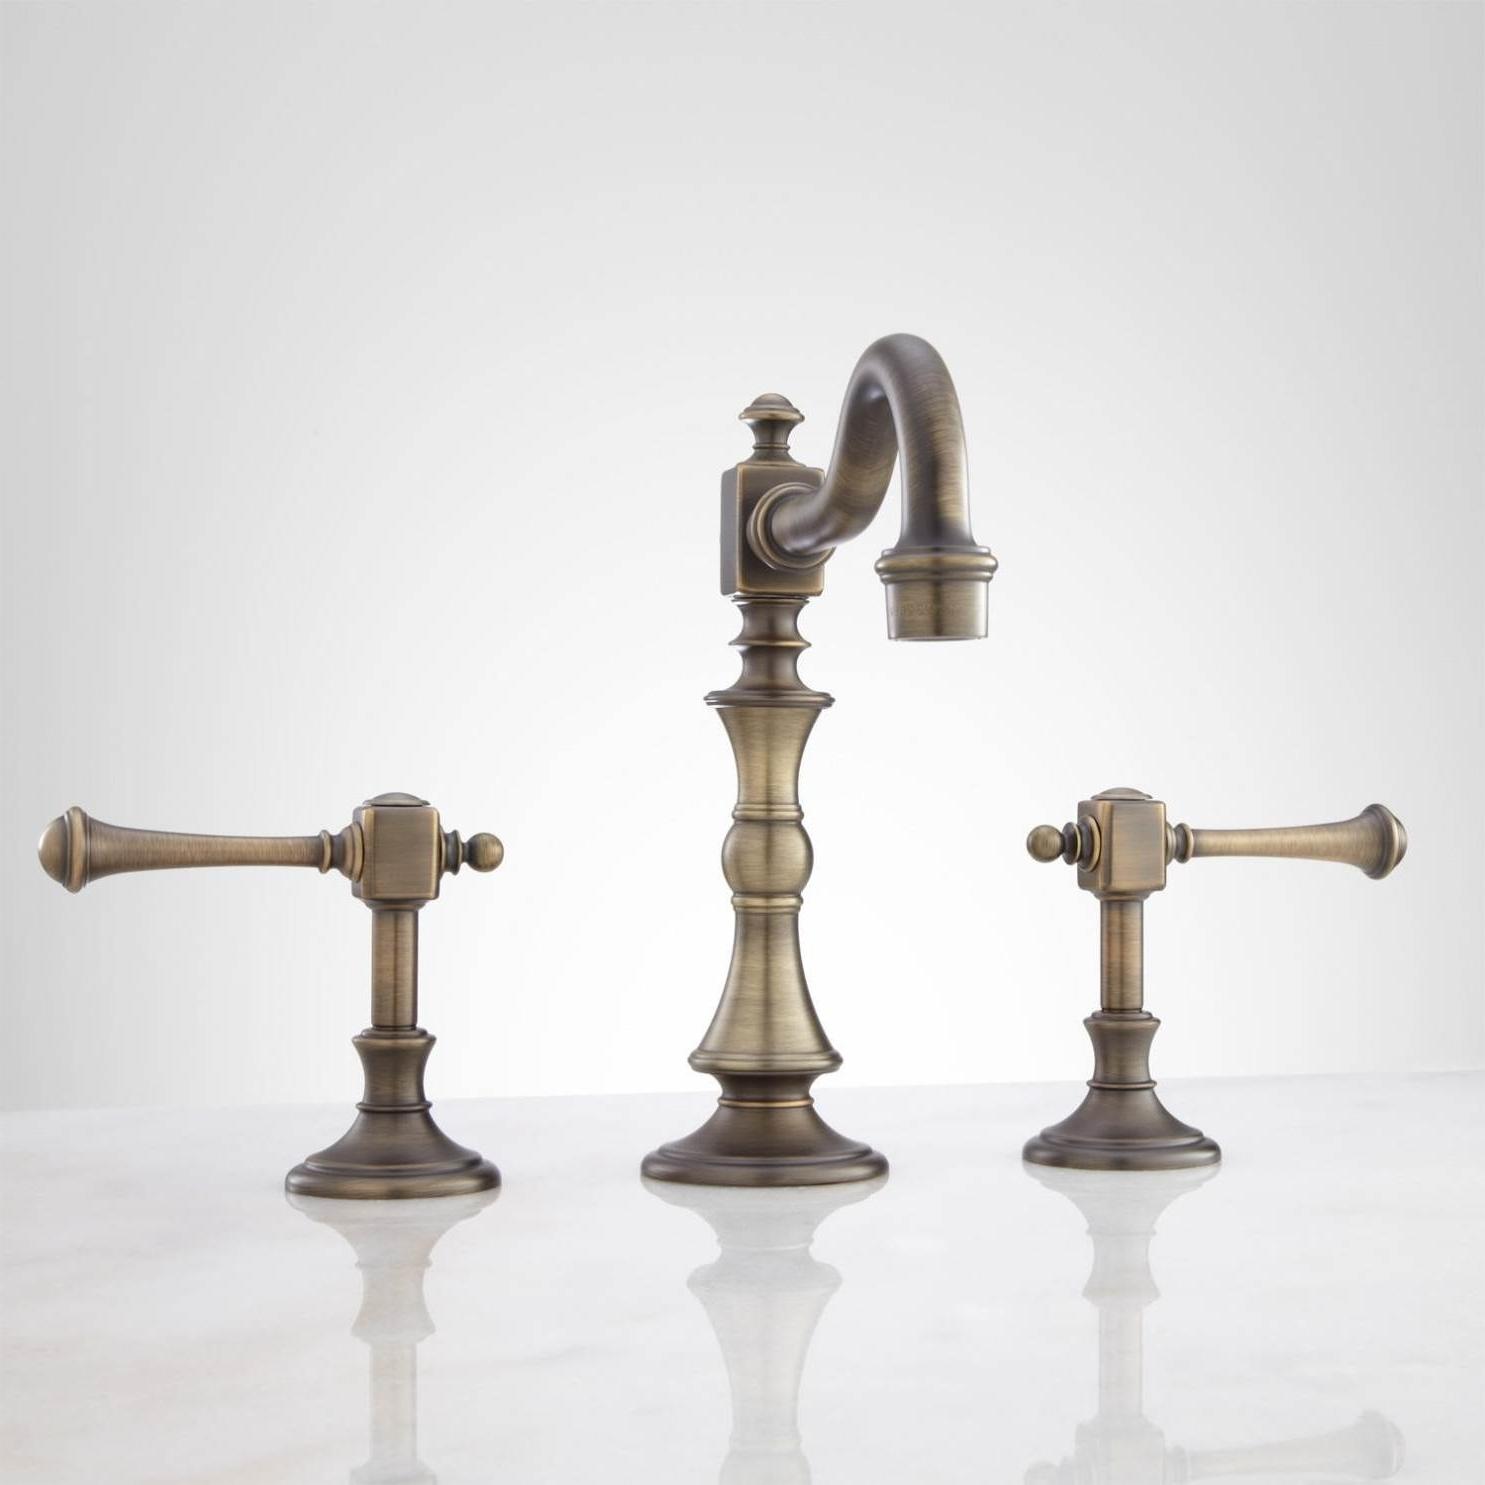 Ideas, moen antique brass bathroom faucet moen antique brass bathroom faucet antique brass bathroom faucet 3248 croyezstudio 1485 x 1485  .